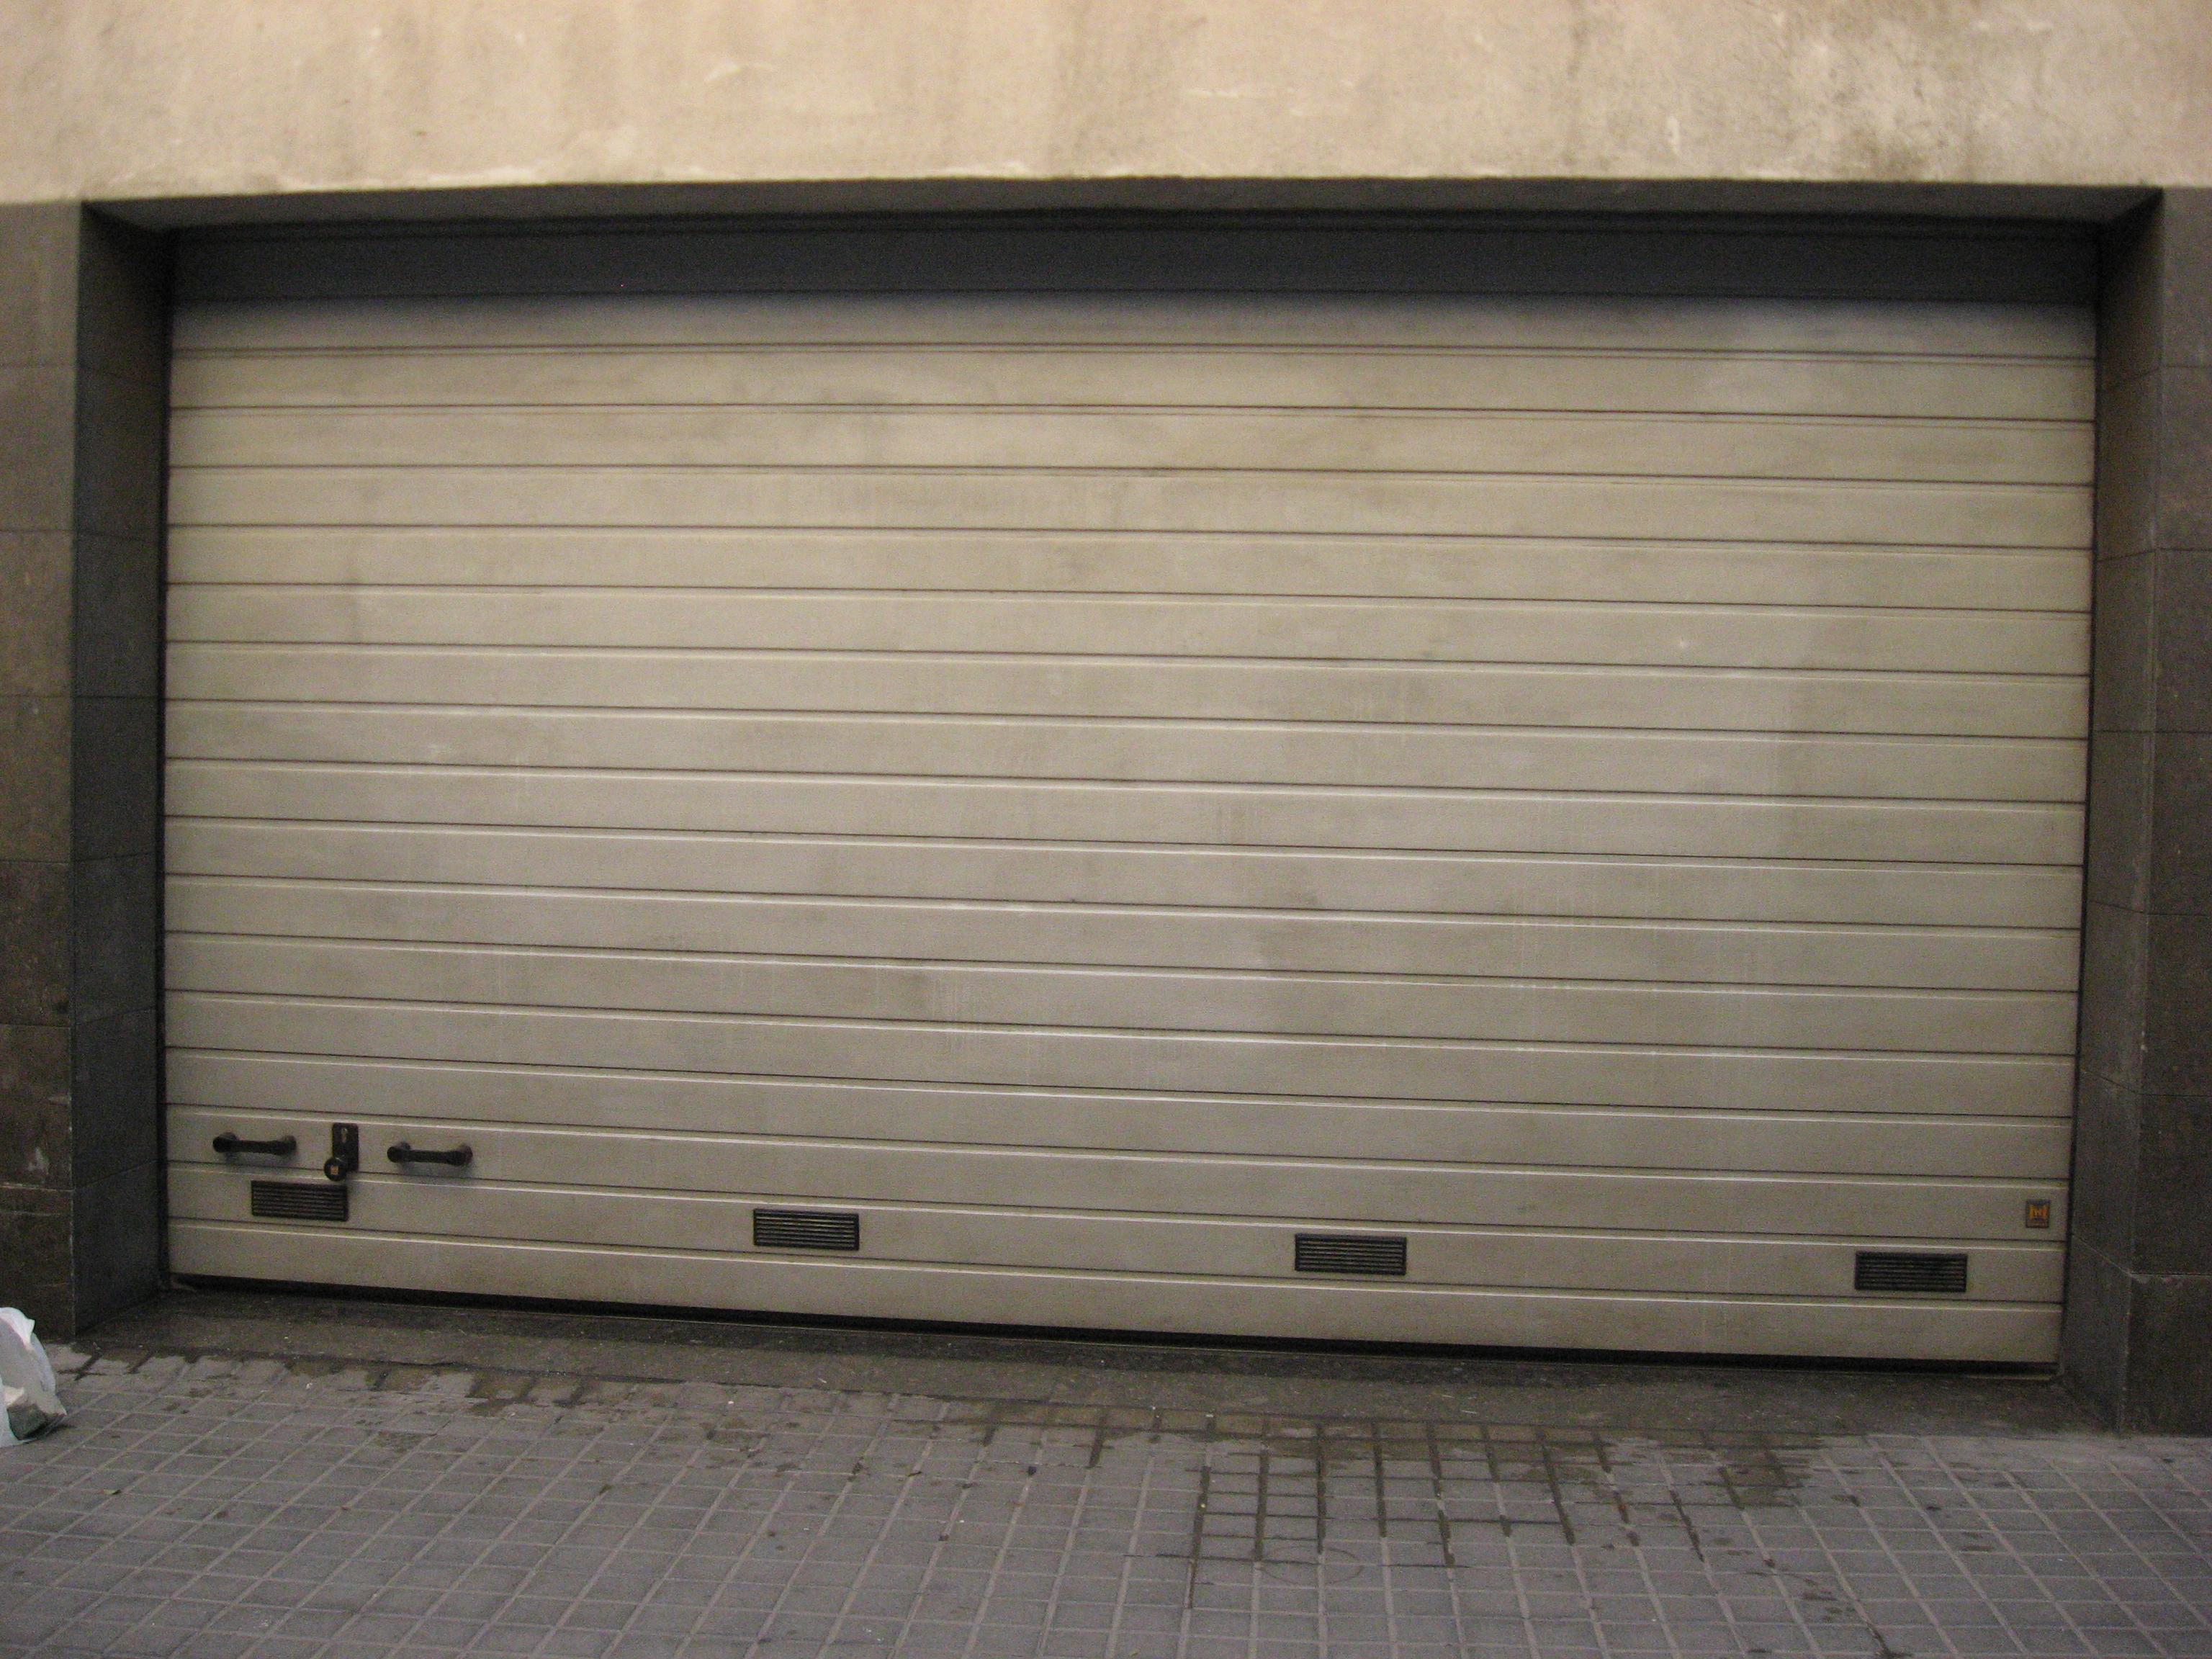 Dasgraff quick puede limpiar incluso una puerta de garaje sin desgastarla.